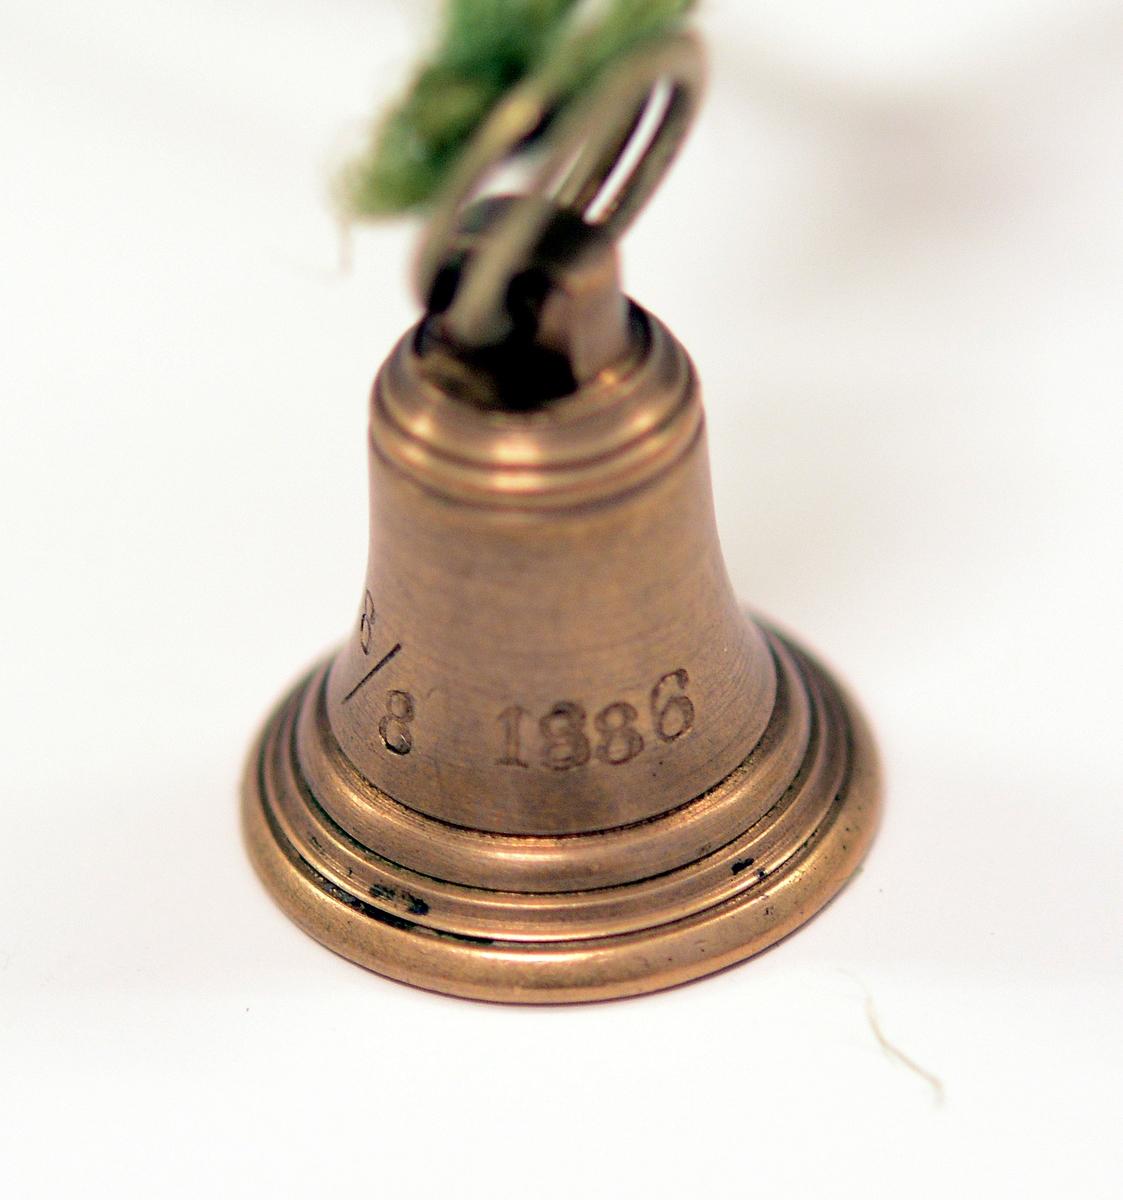 Signet av bronse, med initialene H.I. i dekorativ inngravering og ring rundt, støpt av Skiens gamle kirkeklokker, i klokkeform med feste på toppen og ring i. Medfølgende notat fra giveren til museet.